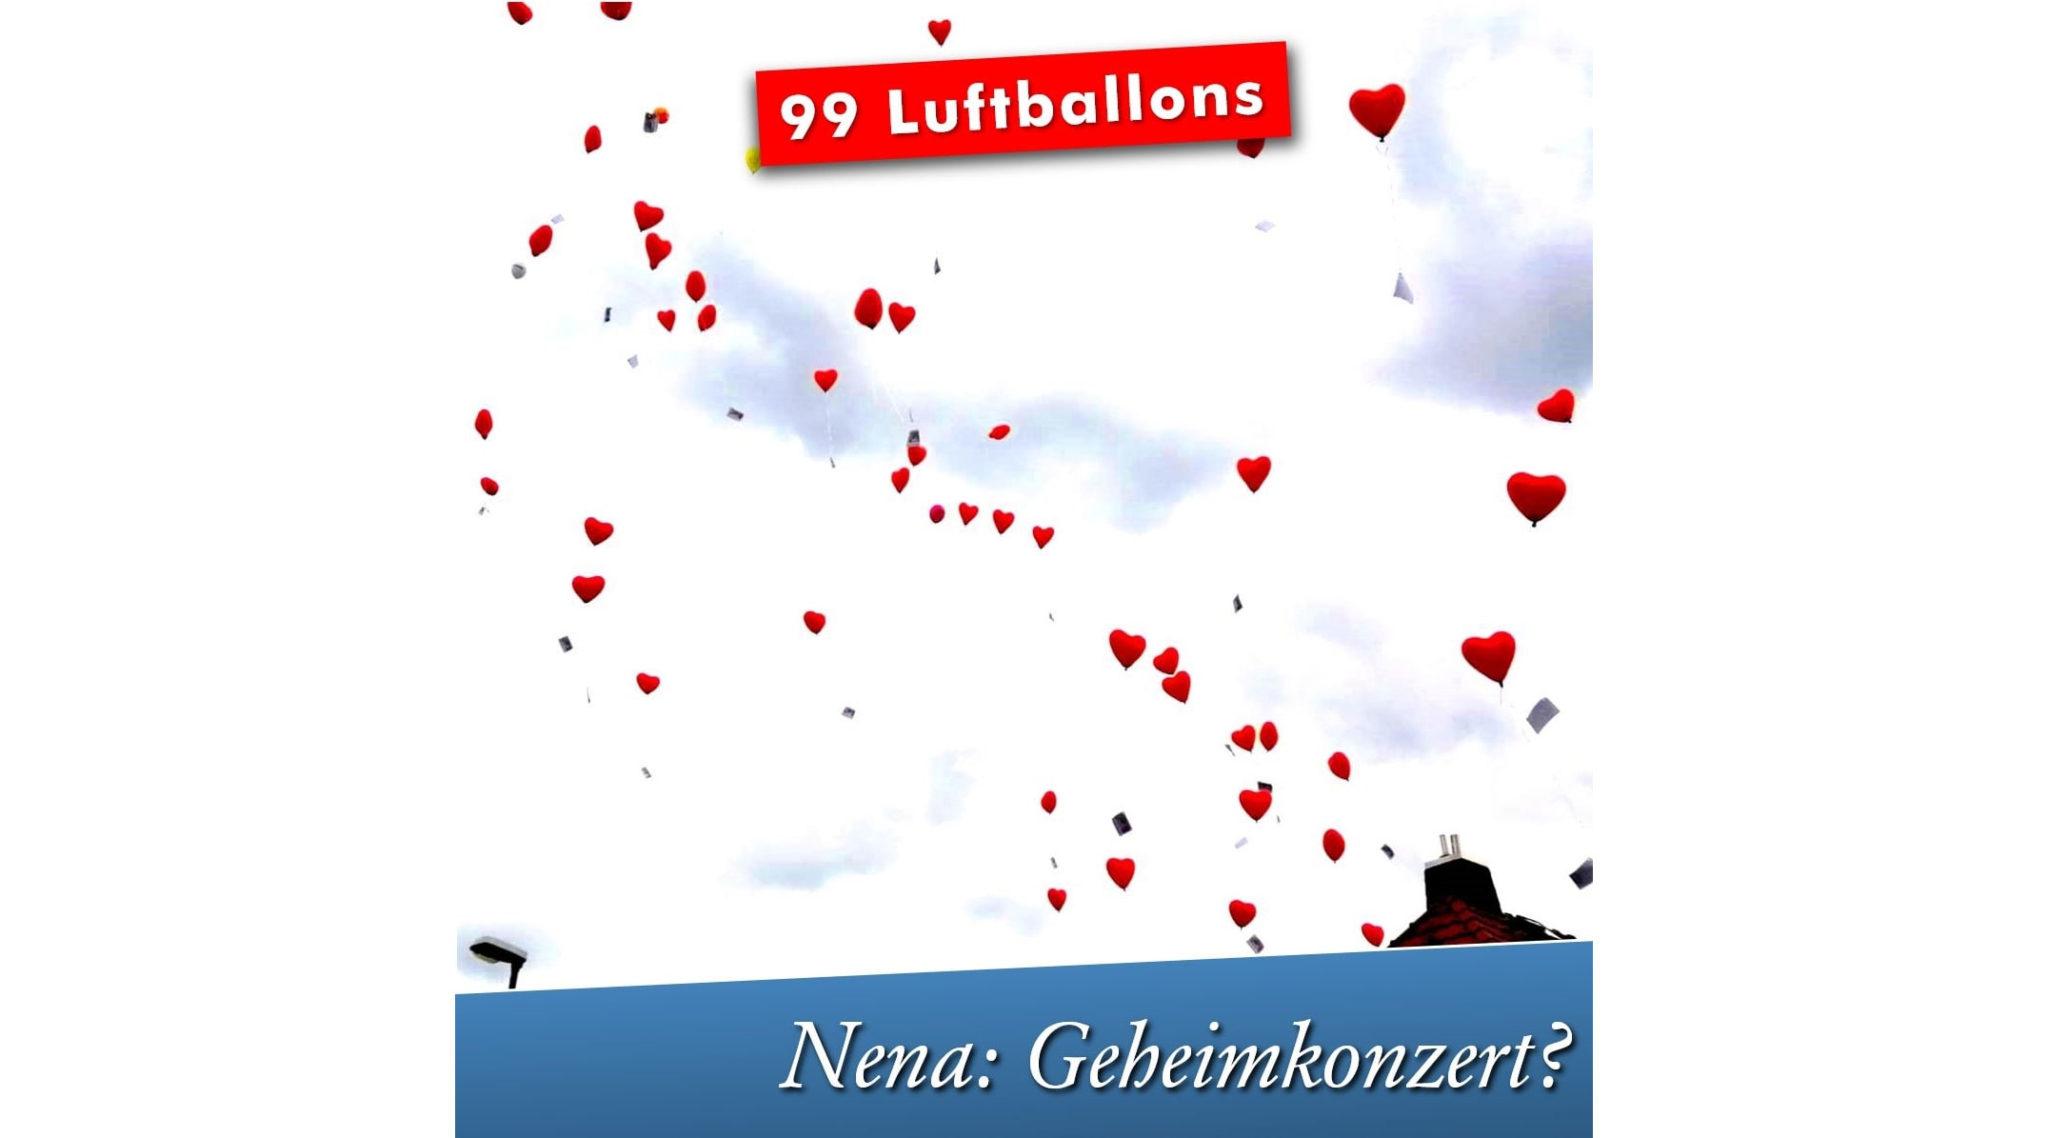 Nena-Geheimkonzert in Freital? - POST von GEHRKE